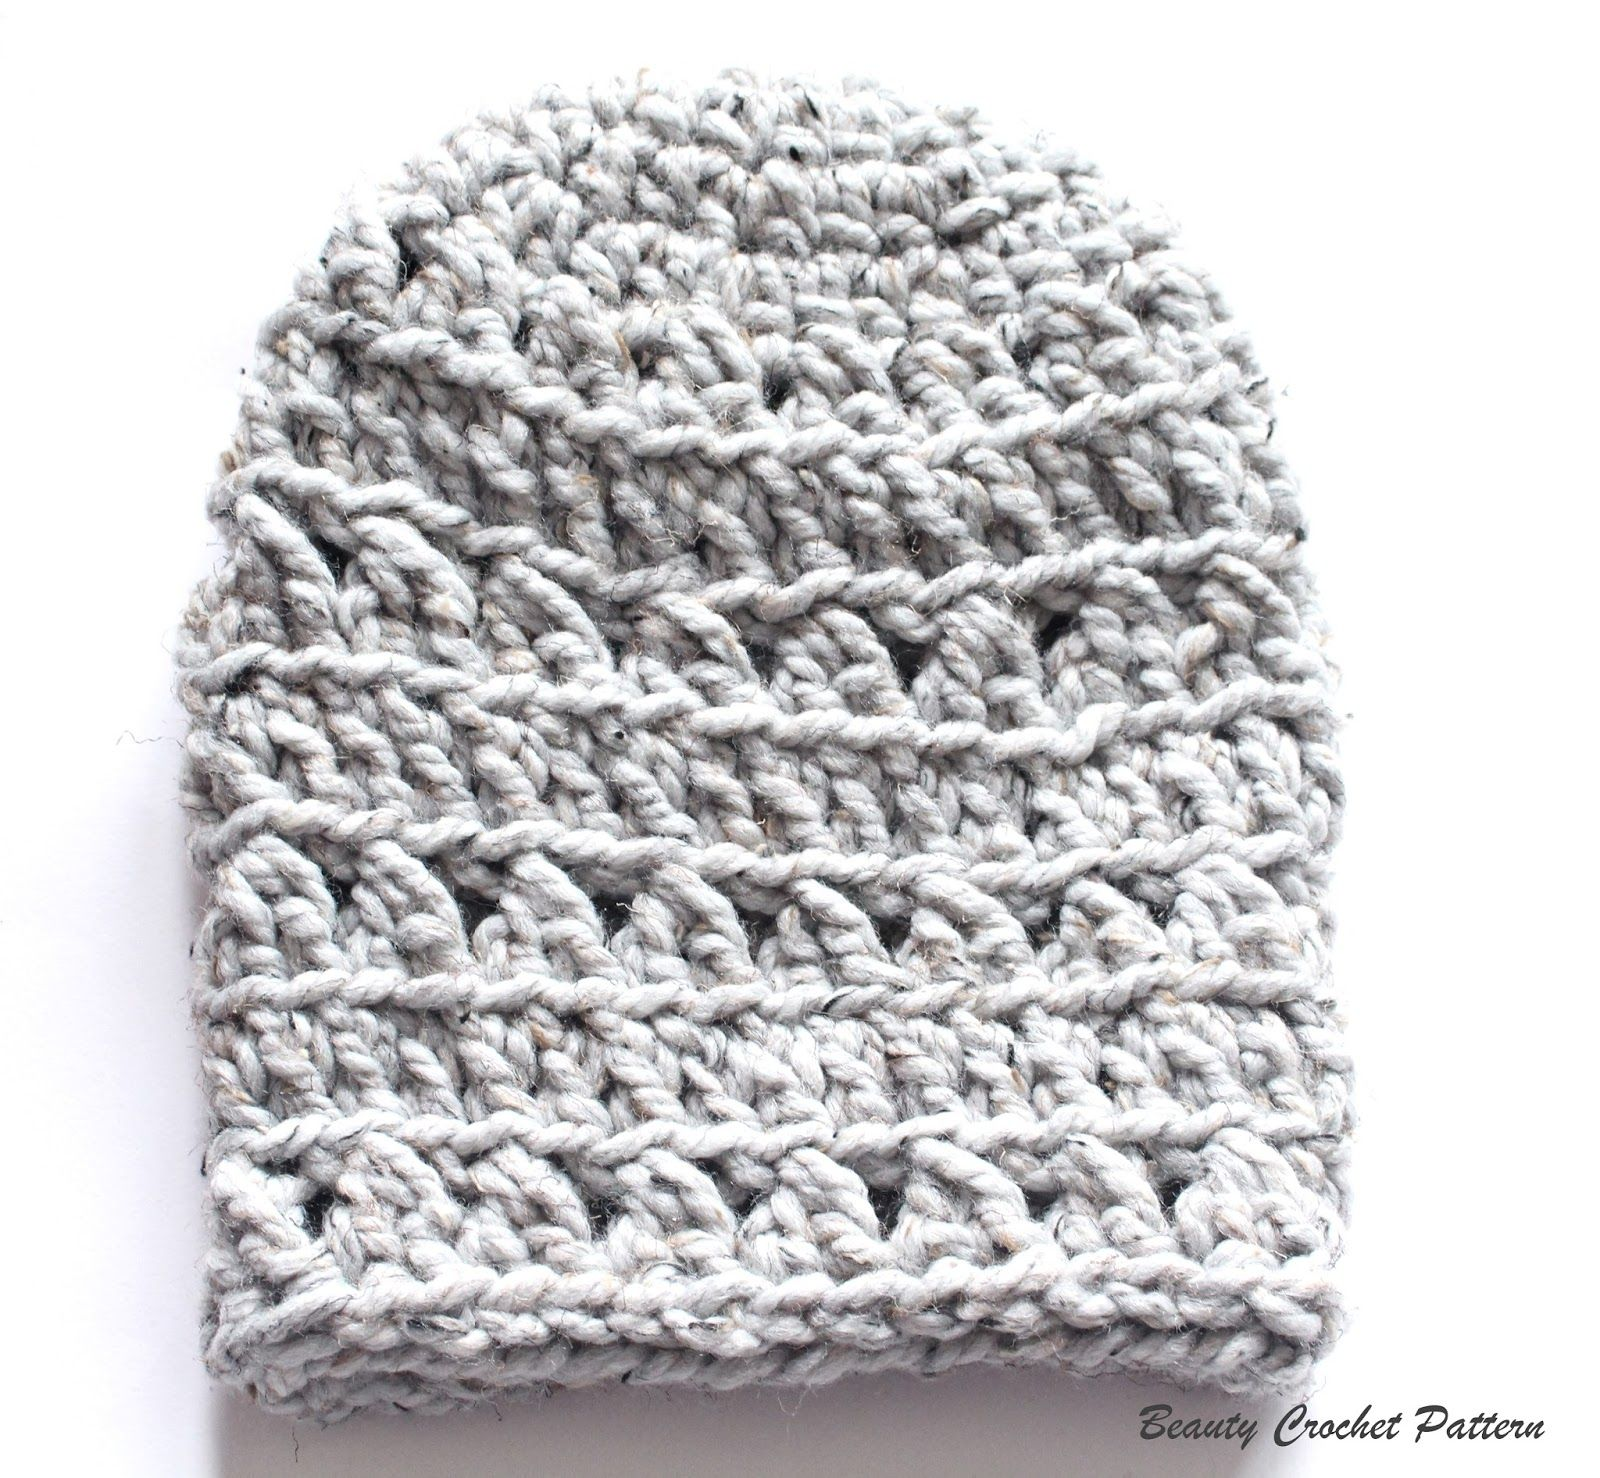 Beauty Crochet Pattern: Crochet Chunky Slouchy Hat Free Pattern ...